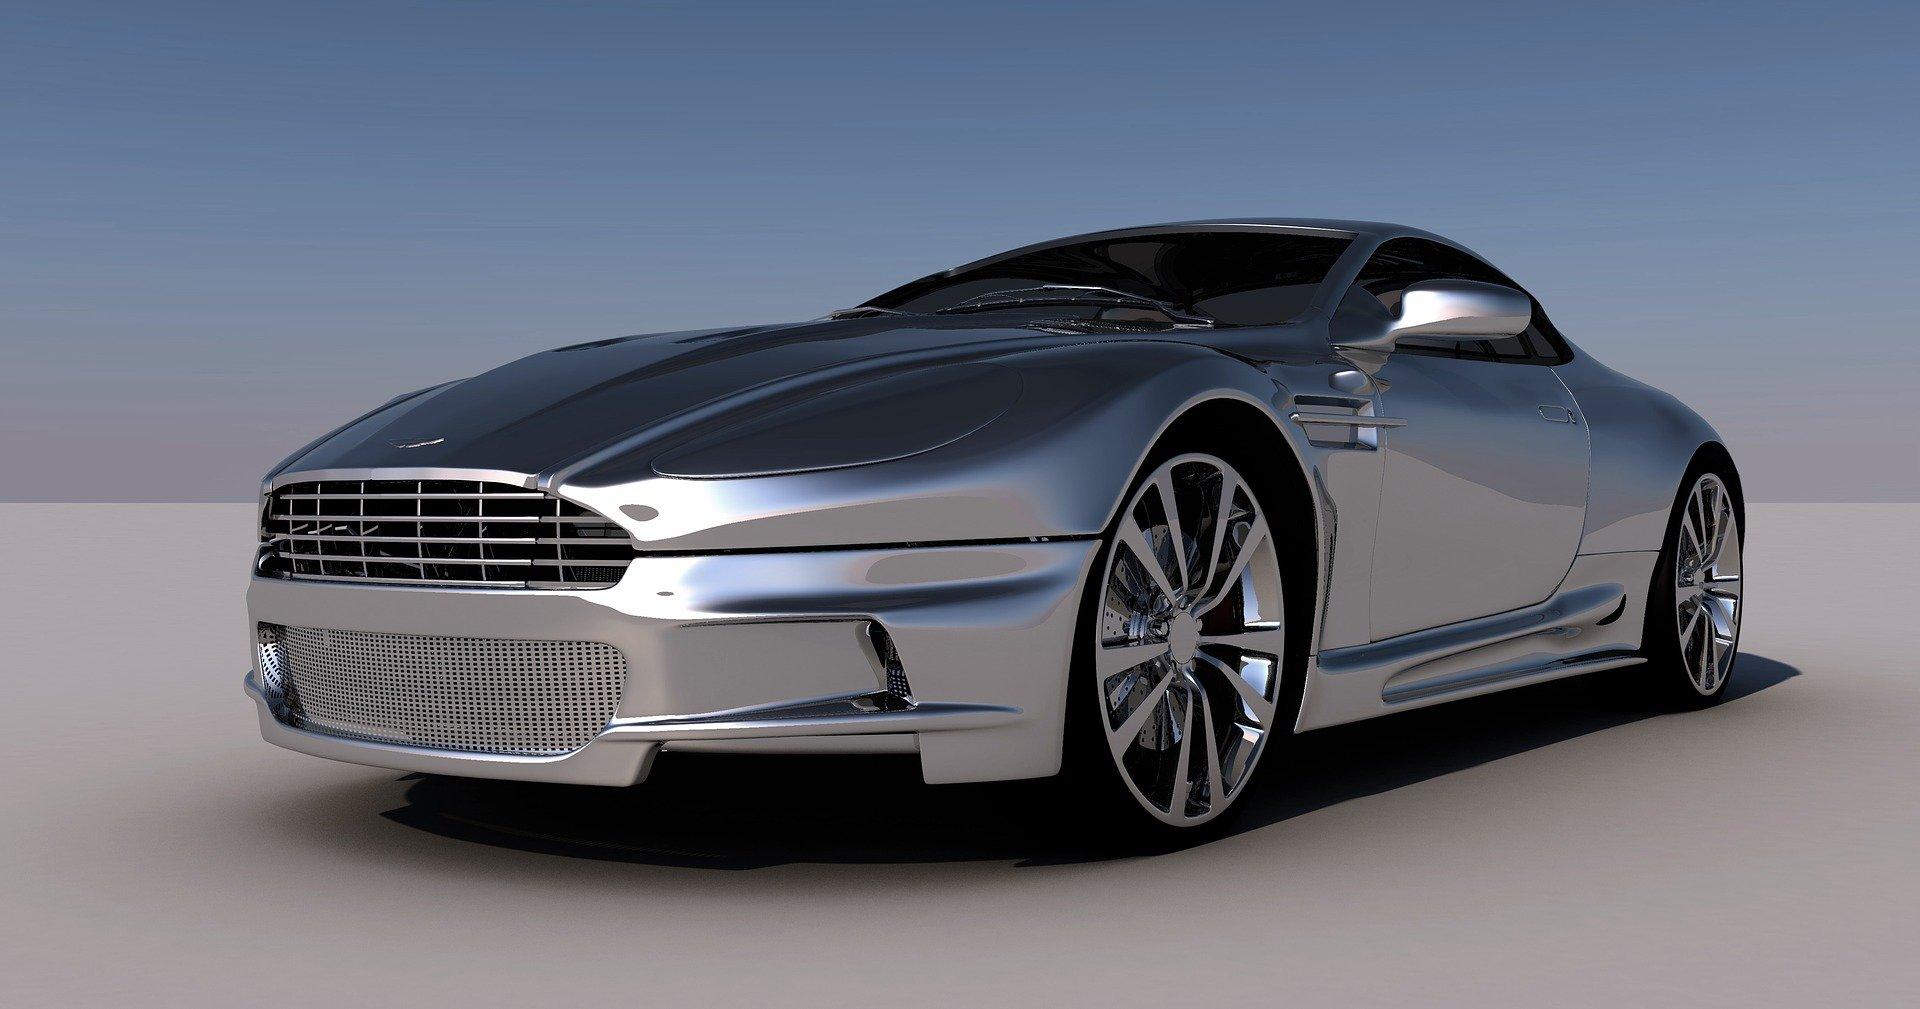 Dit wist u nog niet over het exclusieve automerk Aston Martin